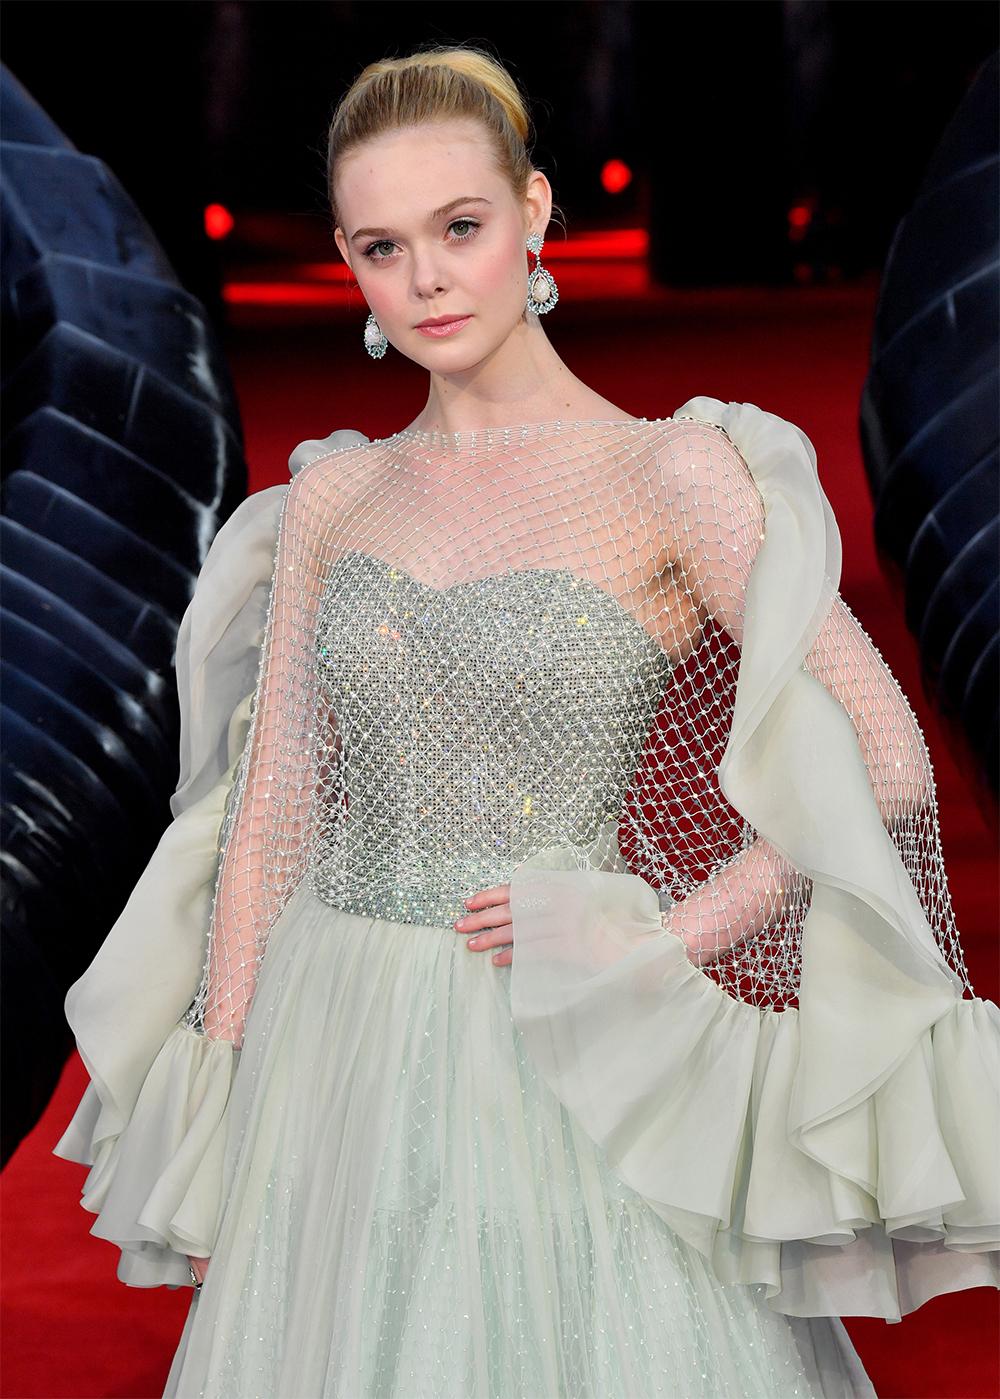 Elle Fanning sinh năm 1998, mang 4 dòng máu Ireland, Anh, Đức và Pháp. Năm ba tuổi, cô được chọn đóng vai Lucy hồi nhỏ trong phim I Am Sam. Năm 2014, Elle ghi dấu với vai công chúa ngủ trong rừng của bom tấn Maleficent. Khi trưởng thành, Elle hướng đến các vai gợi cảm, táo bạo hơn. TạiLHP Cannes 2019, cô thành tâm điểm khi làgiám khảotrẻ nhất lịch sử sự kiện danh giá này.